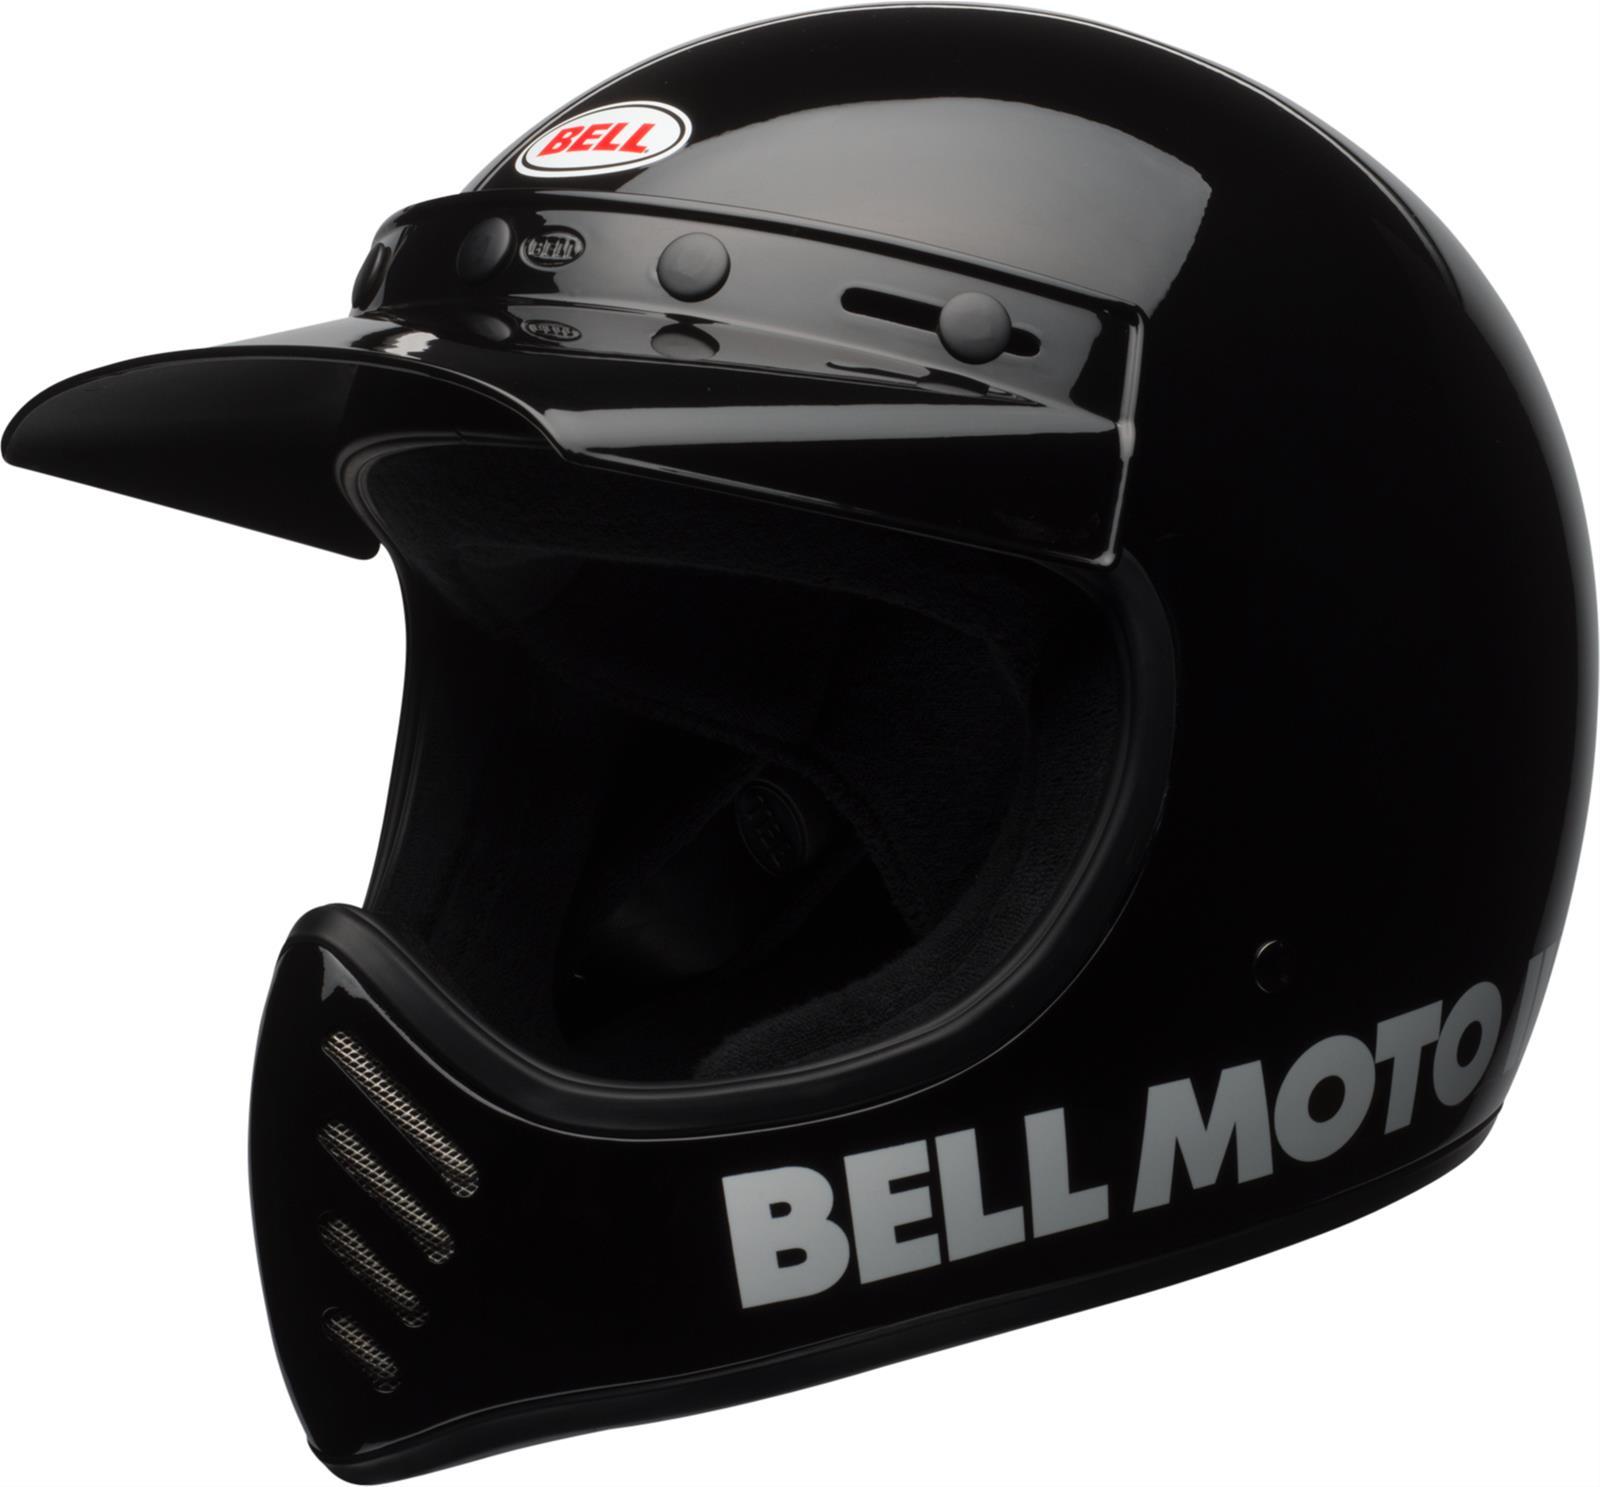 Bell Moto 3 >> Bell Moto 3 Helmets 7080608